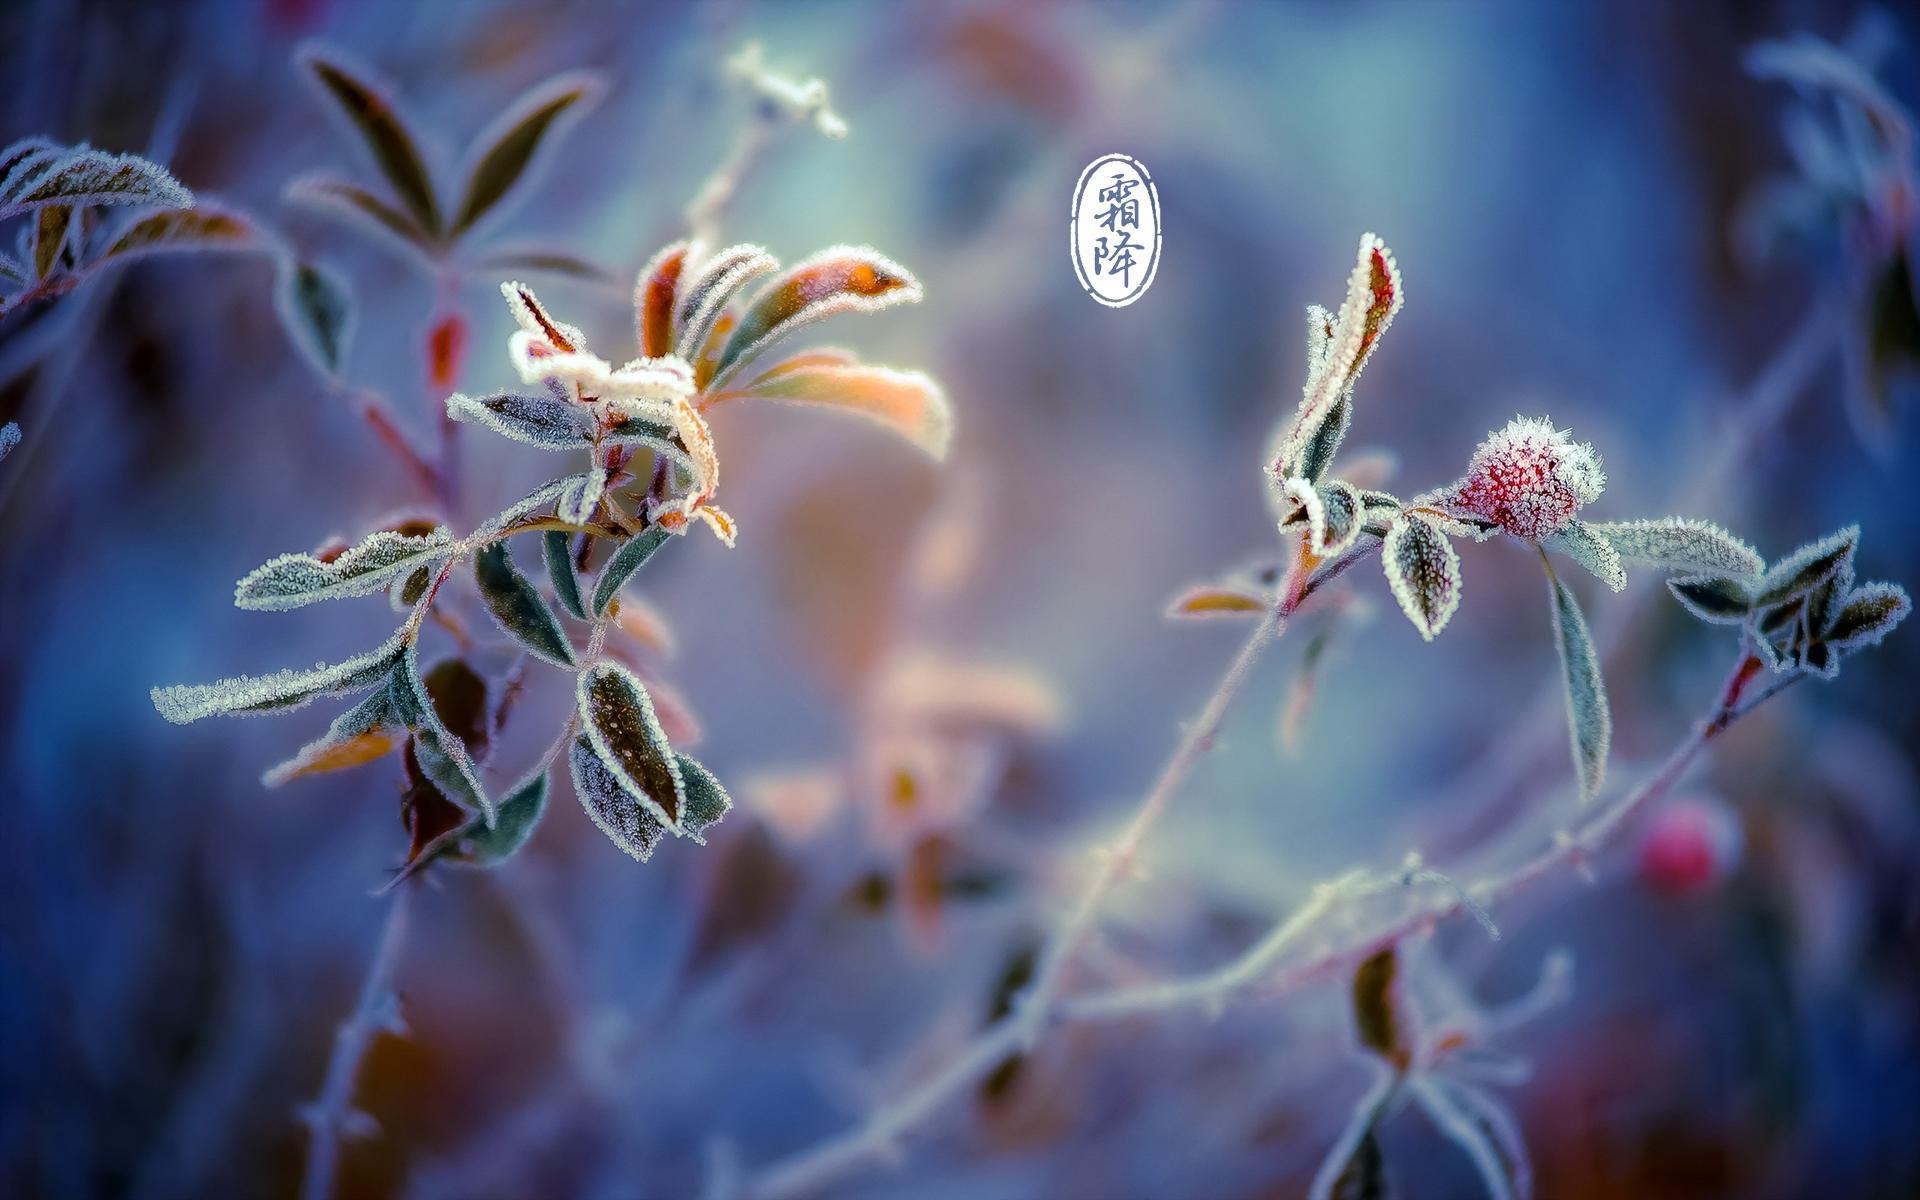 霜降节气活动 | 这8个好玩的活动,带你感受秋的清丽